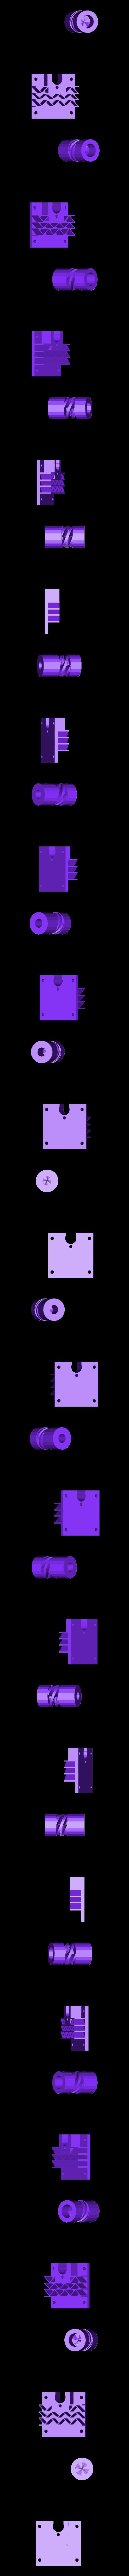 8_to_12_shaft_coupler_with_m3_holes.stl Télécharger fichier STL gratuit Support d'écrou Makerbeam acme et coupleur d'arbre 8 à 12 • Design pour imprimante 3D, kotzas